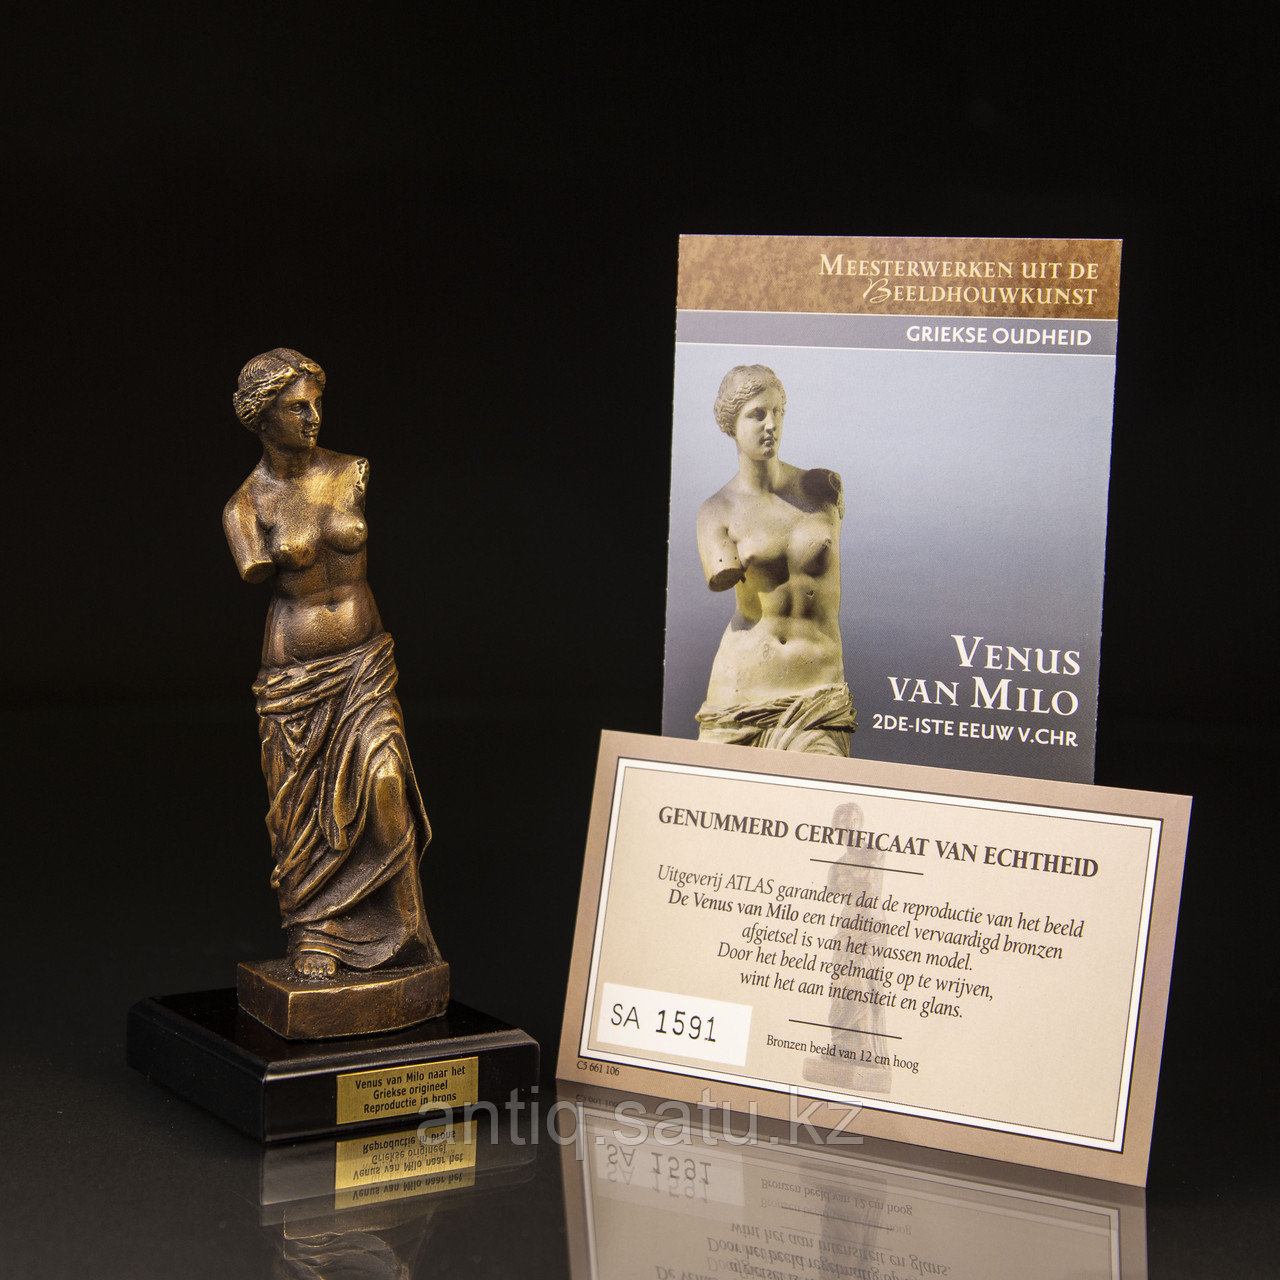 Коллекционная миниатюра «Венера Милосская». Бронза, литье Имеется сертификат. Франция. Конец ХХ века. - фото 8